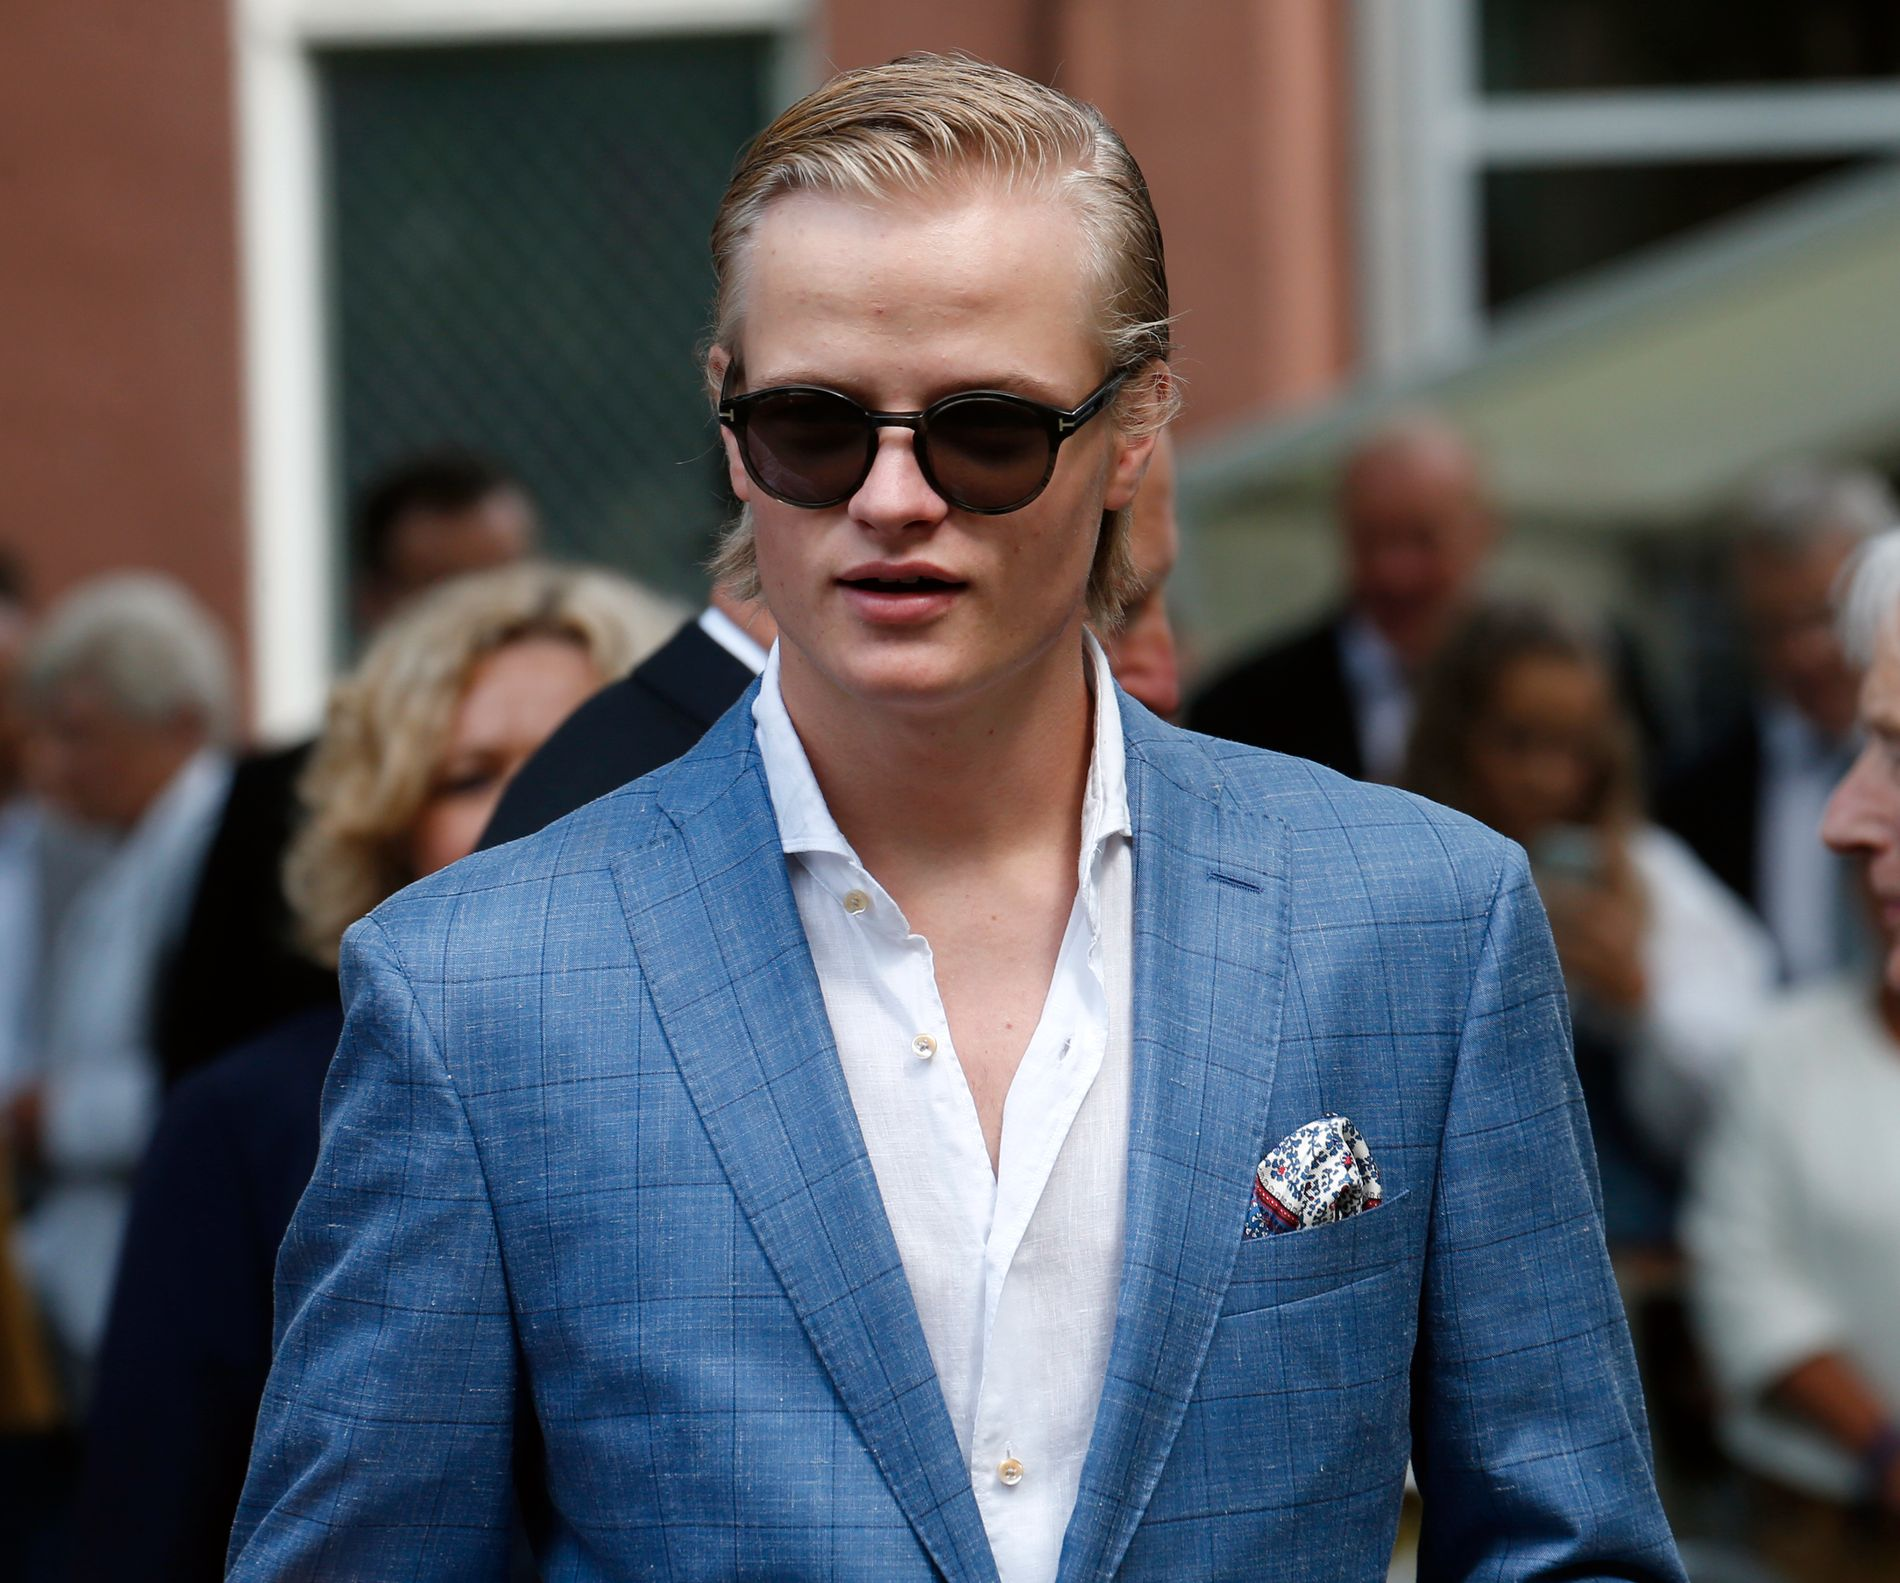 FINN.NO-BRUKER: Marius Borg Høiby, her avbildet under en feiring av kongeparets 25-årsjubileum i sommer, vil kvitte seg med flere luksusgjenstander på nettstedet som markedsfører seg som «Mulighetenes marked».